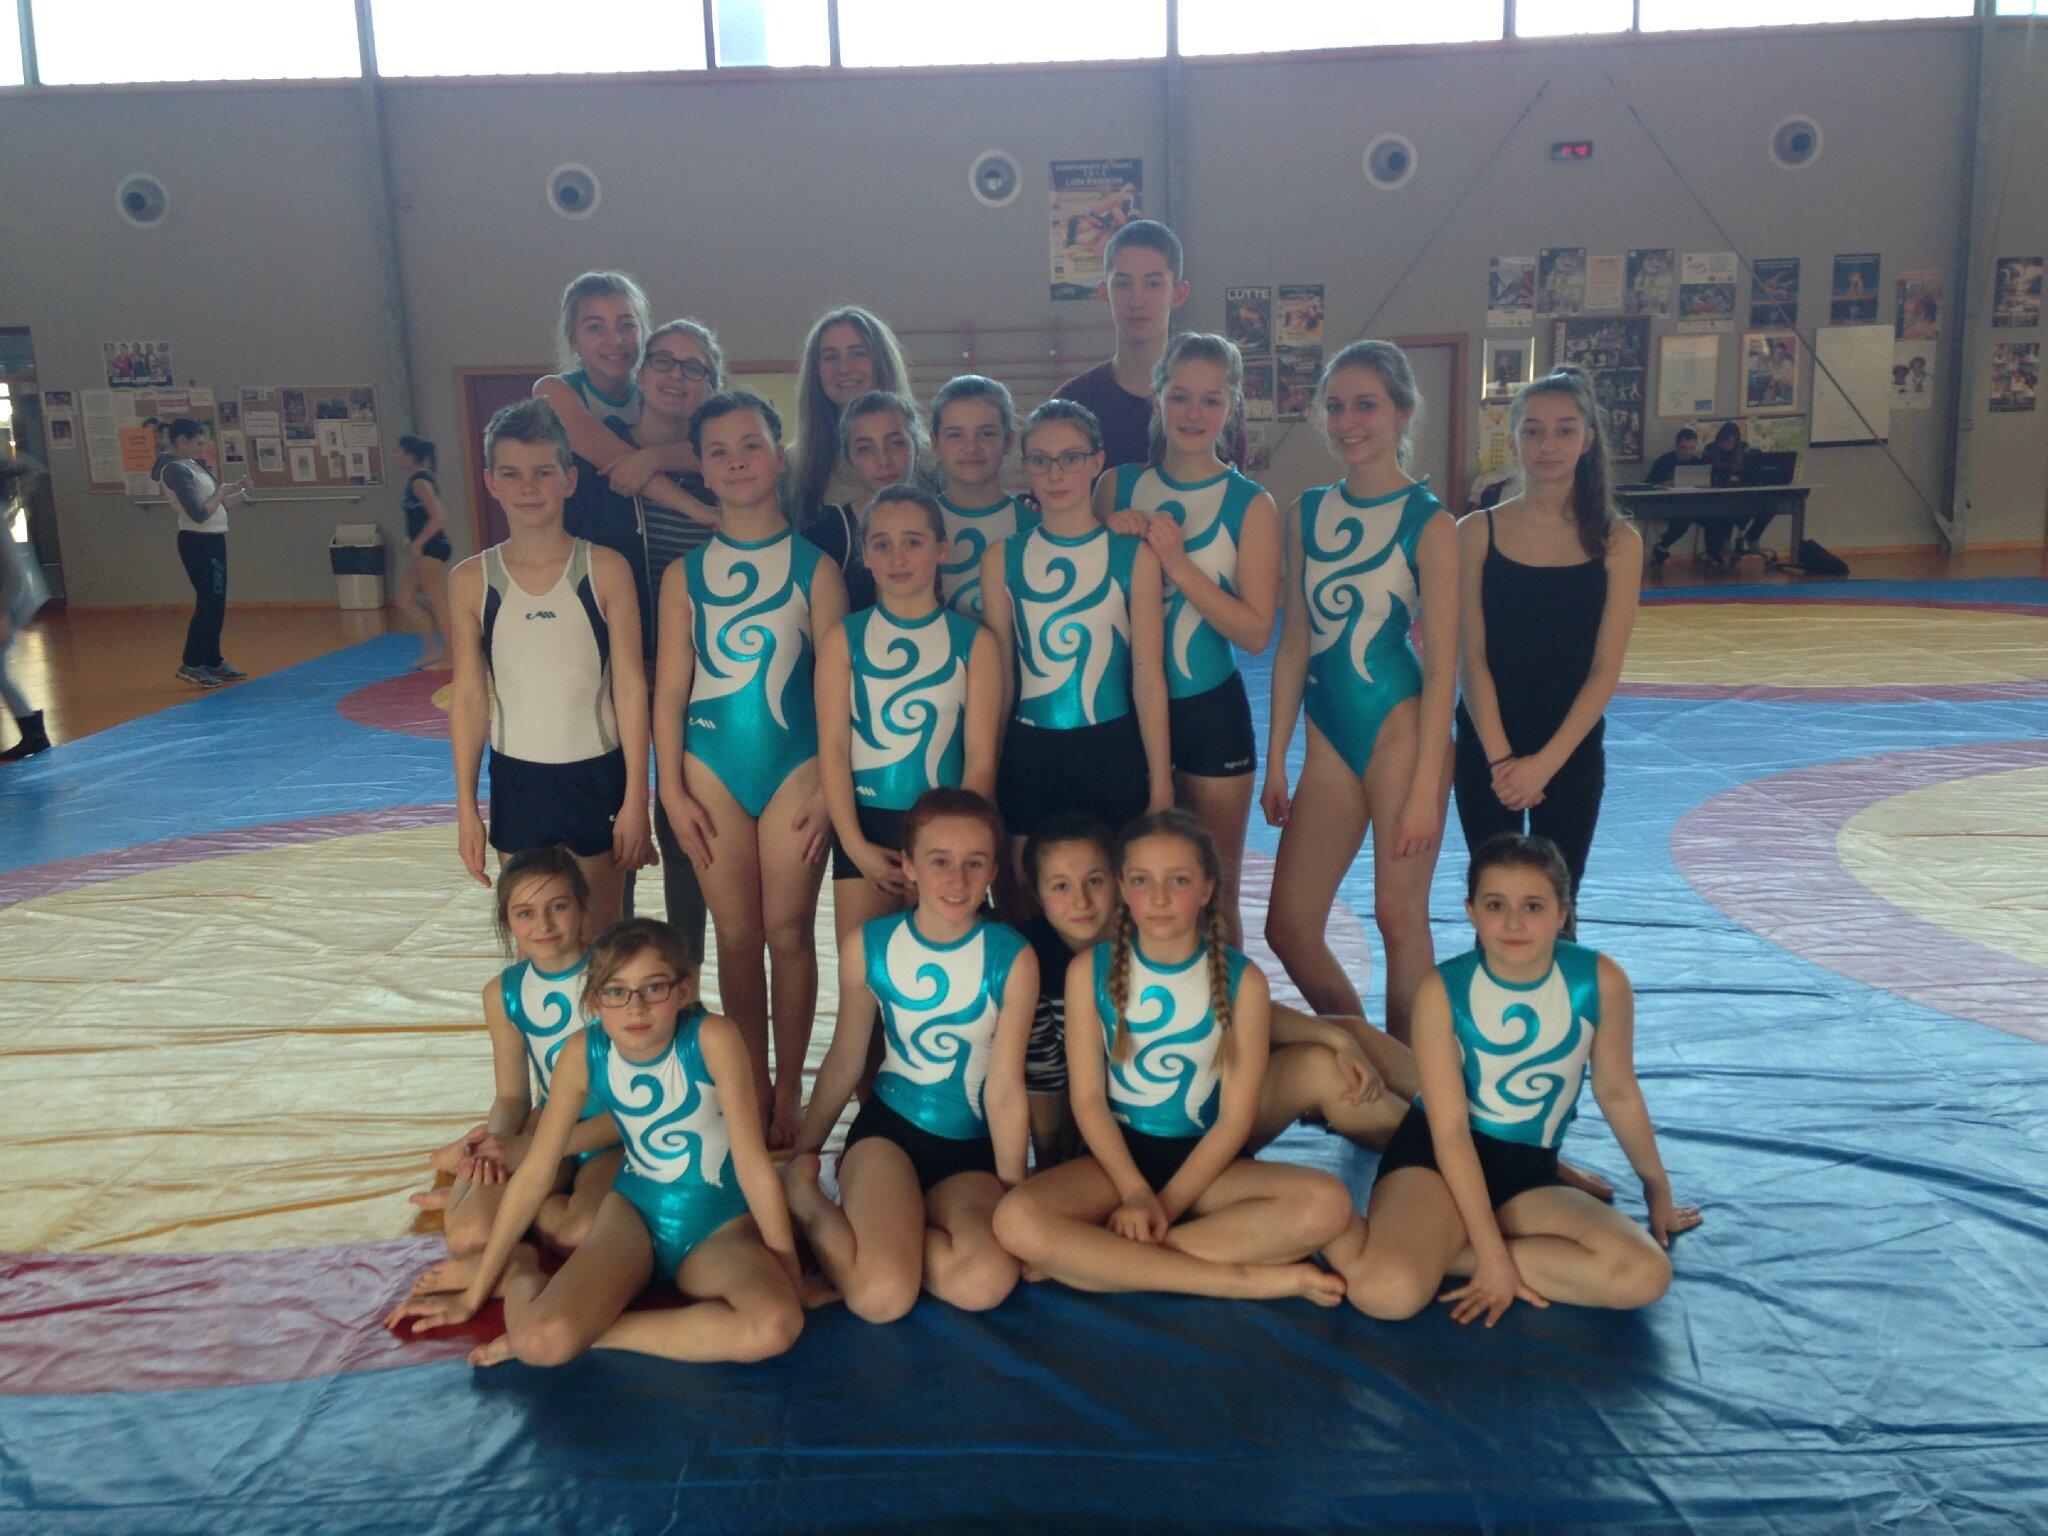 L'équipe 1 de gymnastique acrobatique championne du Bas-Rhin.